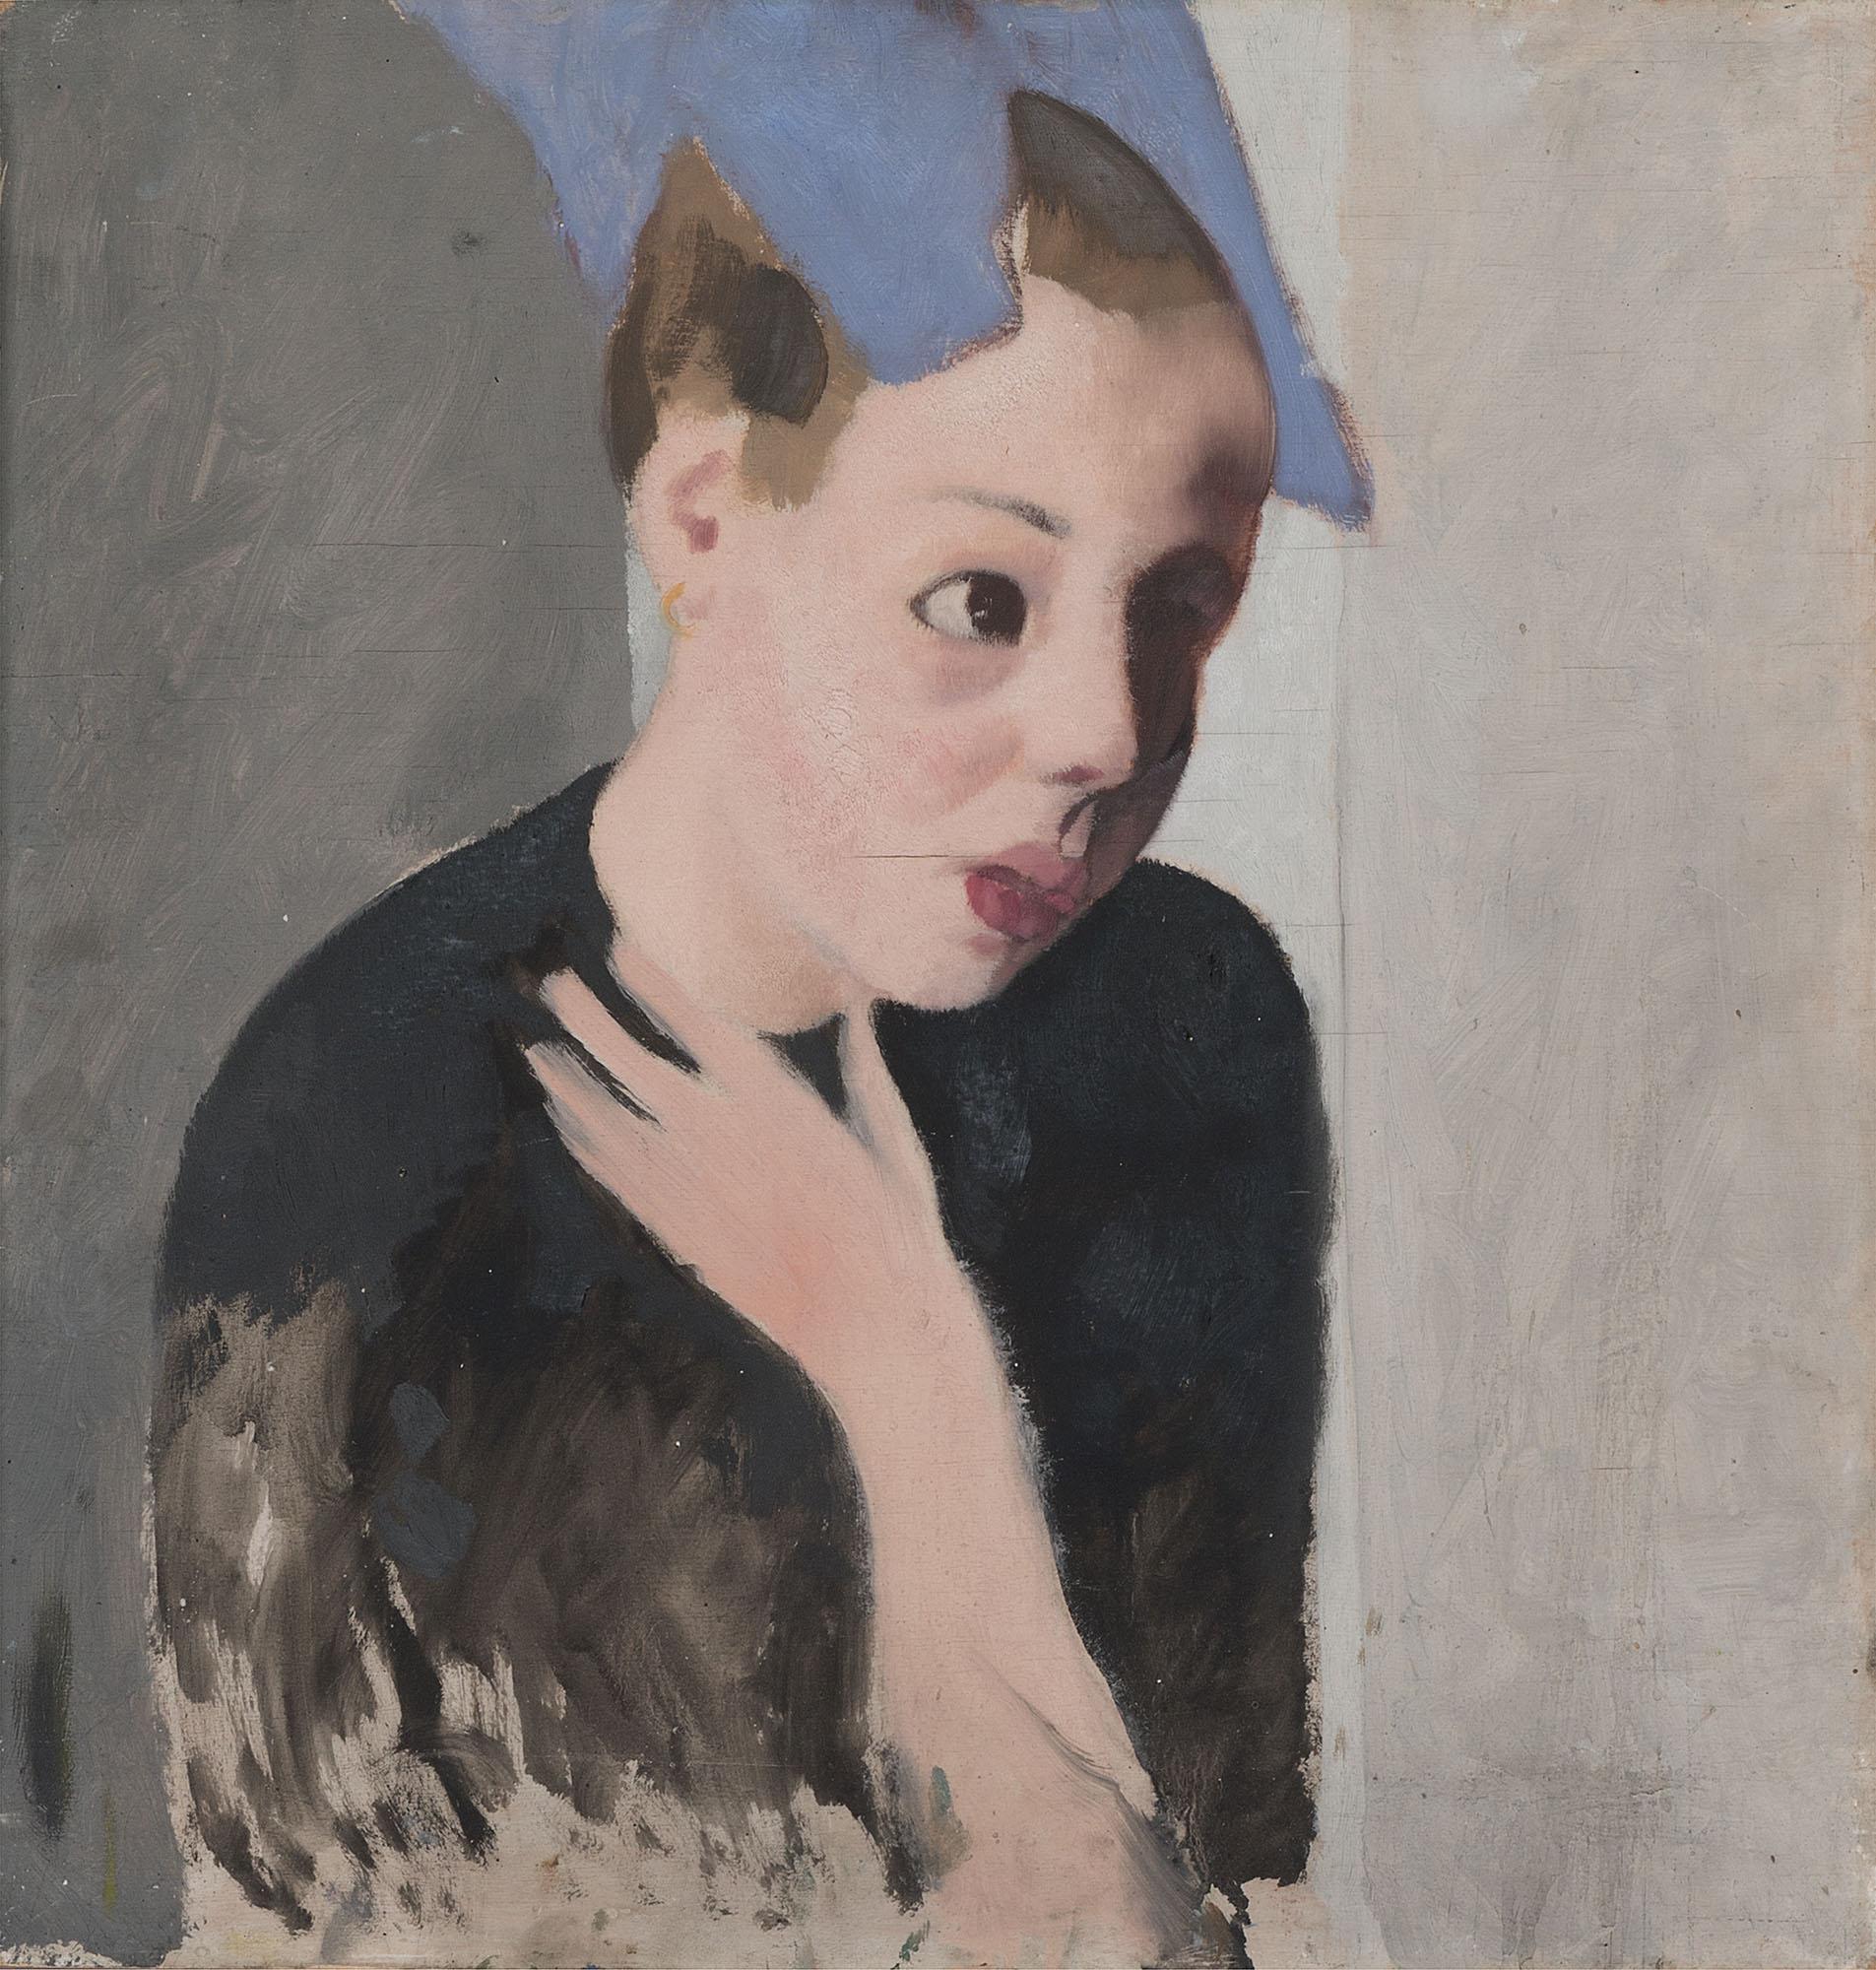 Bozzetto per ritratto di fanciullo, 1924